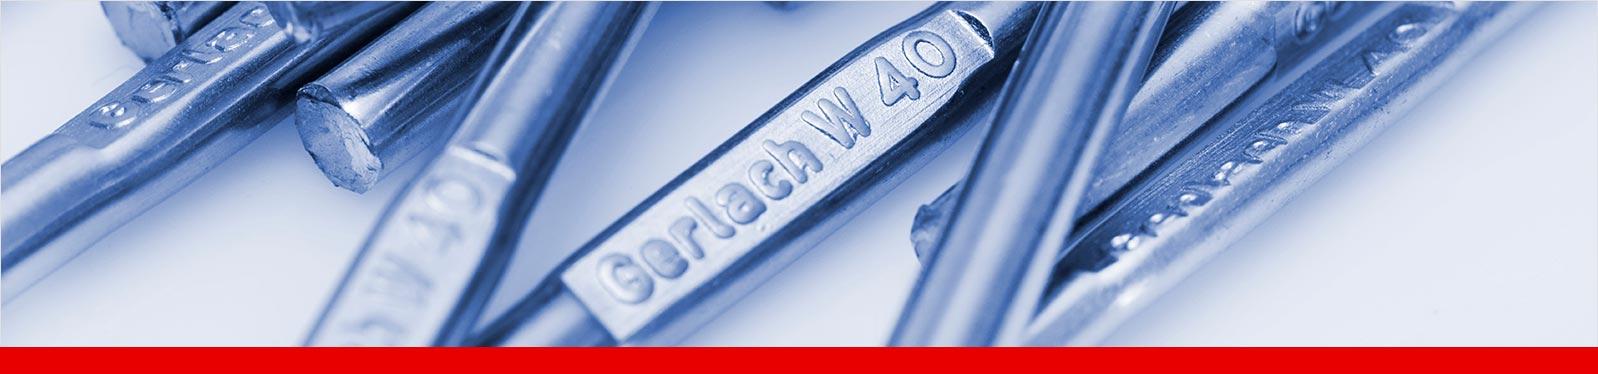 Schweissstäbe: Ein Schweißdraht wird beim Schweißen mit dem MIG MAG Schweißverfahren (Metall-Schutzgasschweißverfahren) benötigt